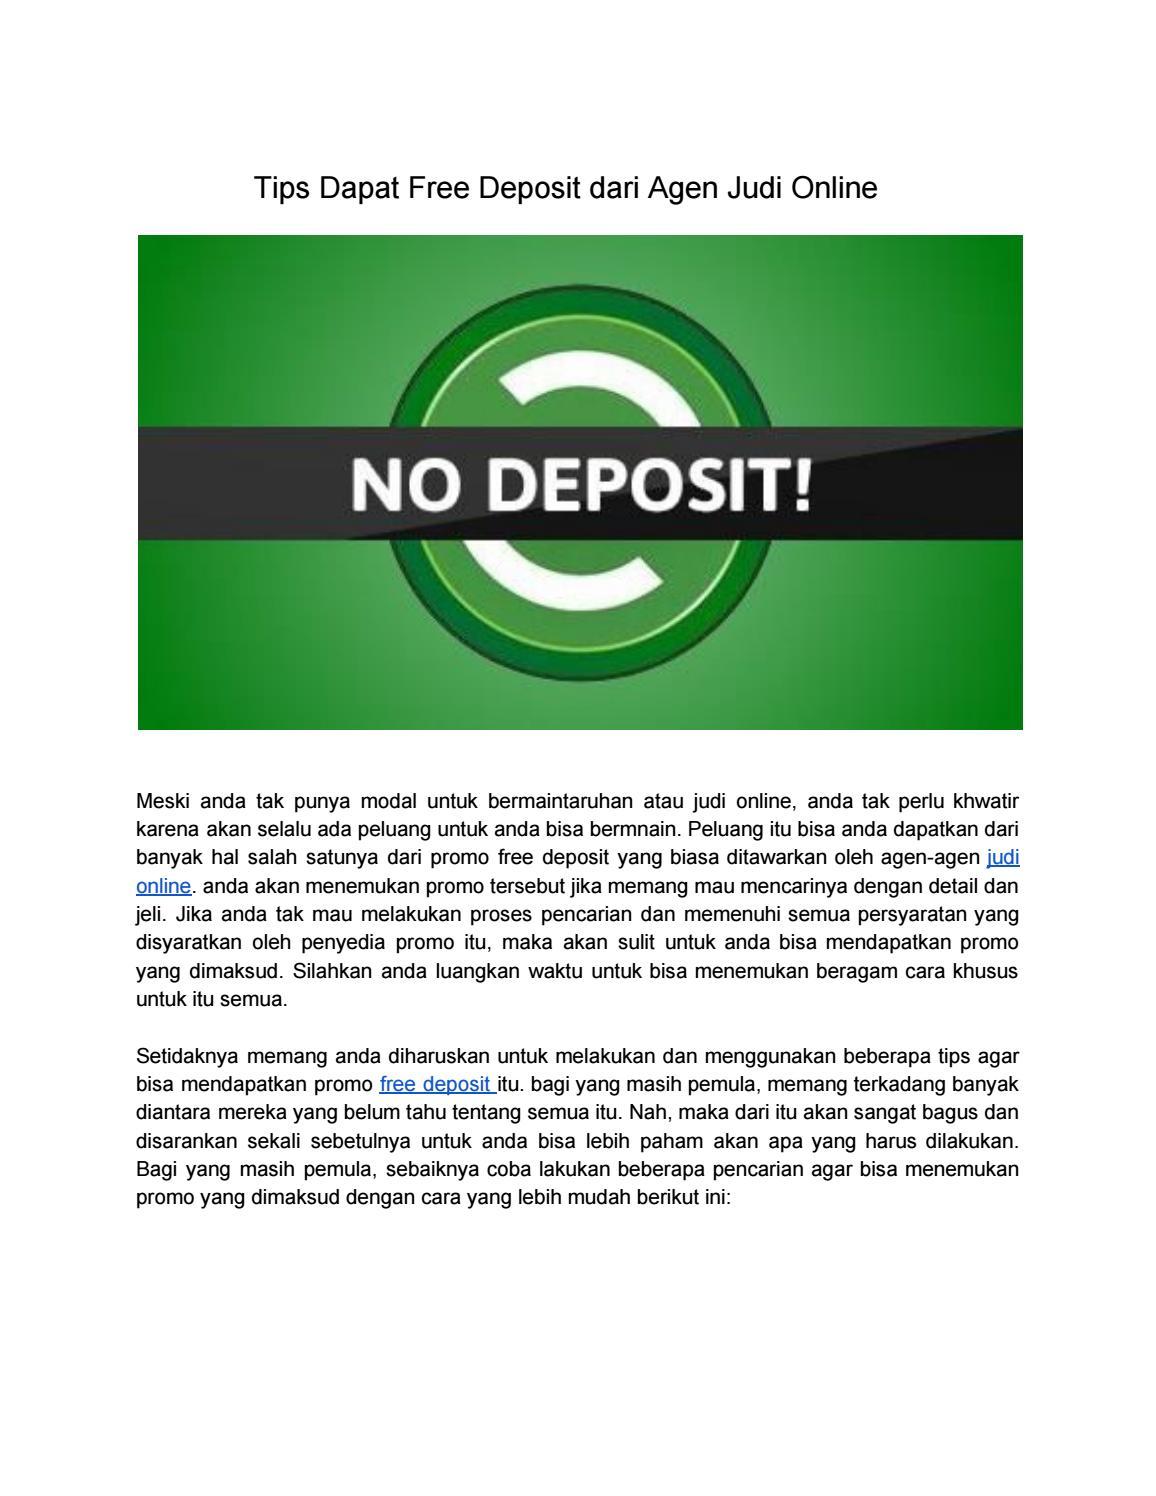 Tips Dapat Free Deposit Dari Agen Judi Online By Itsdewapoker88 Issuu